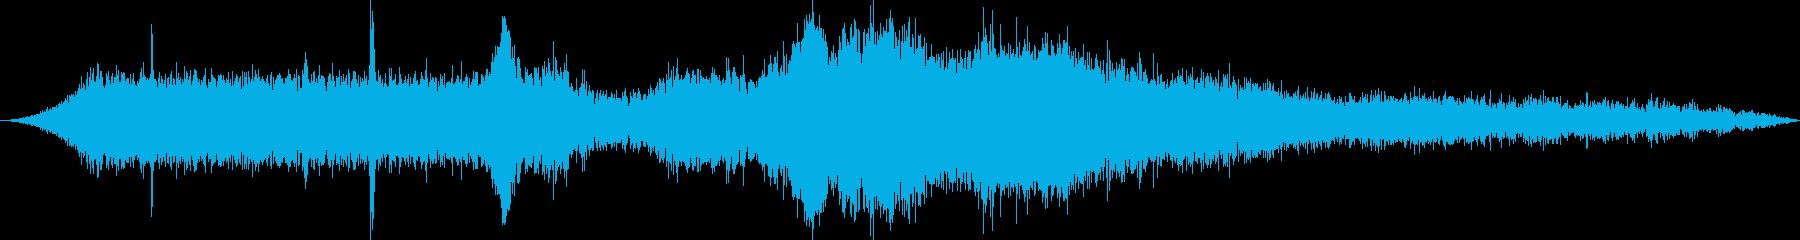 ラージアーススクレーパー:Ext:...の再生済みの波形